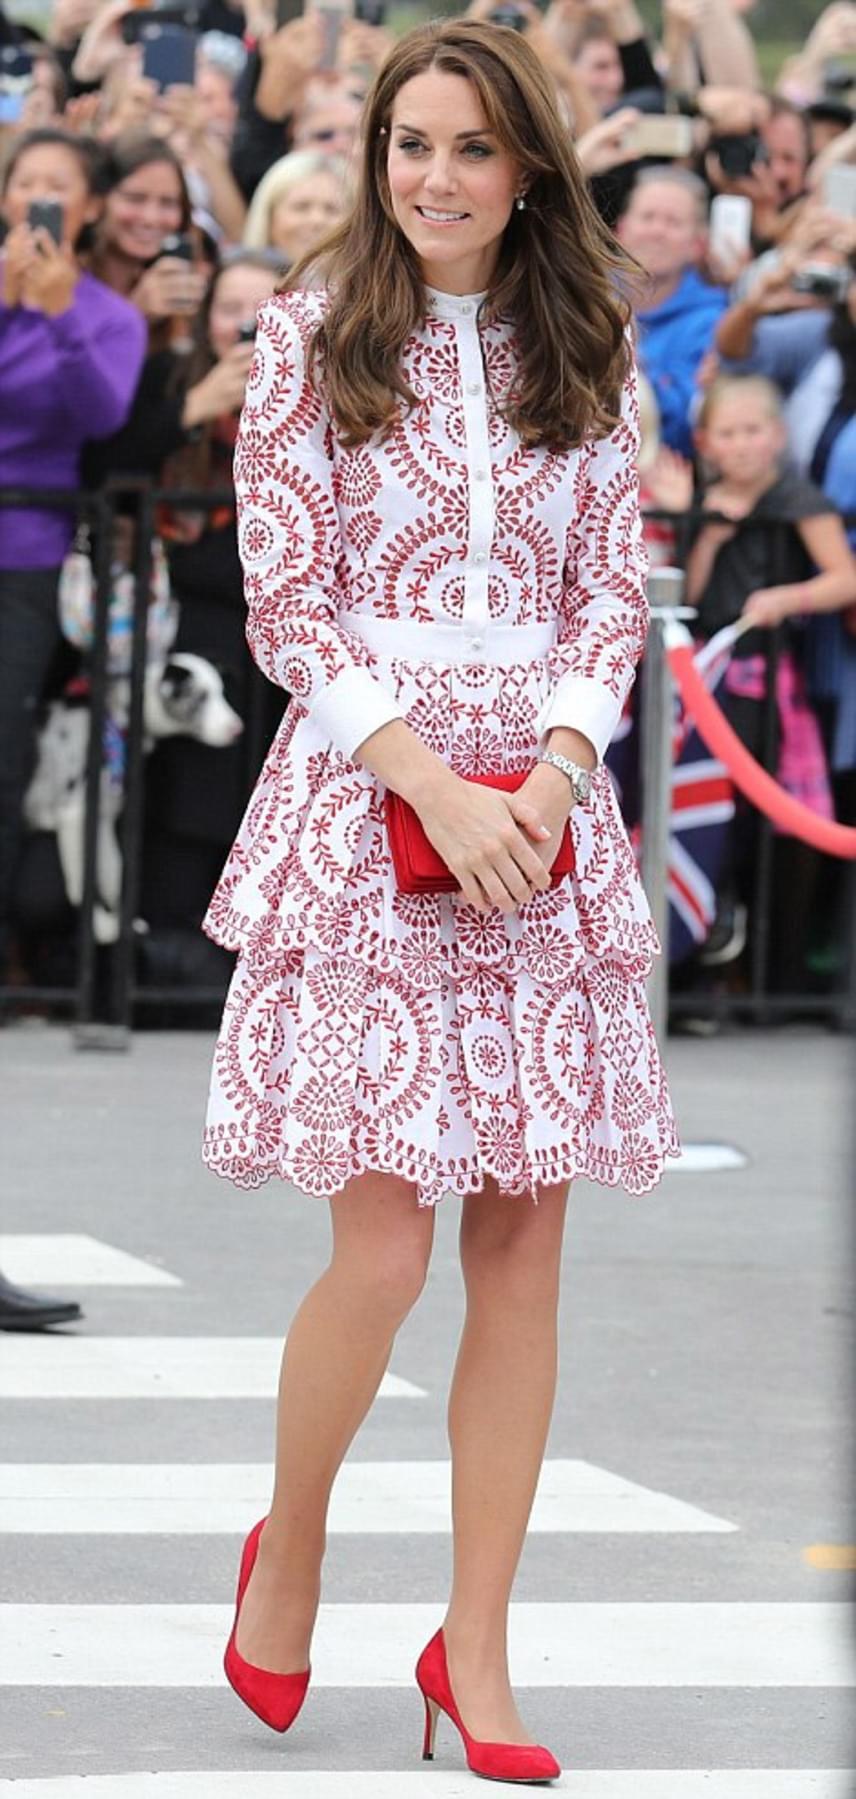 Katalin hercegné természetesen Kanada előtt tisztelgett az öltözetével is: piros-fehér ruháját mindenki imádta.